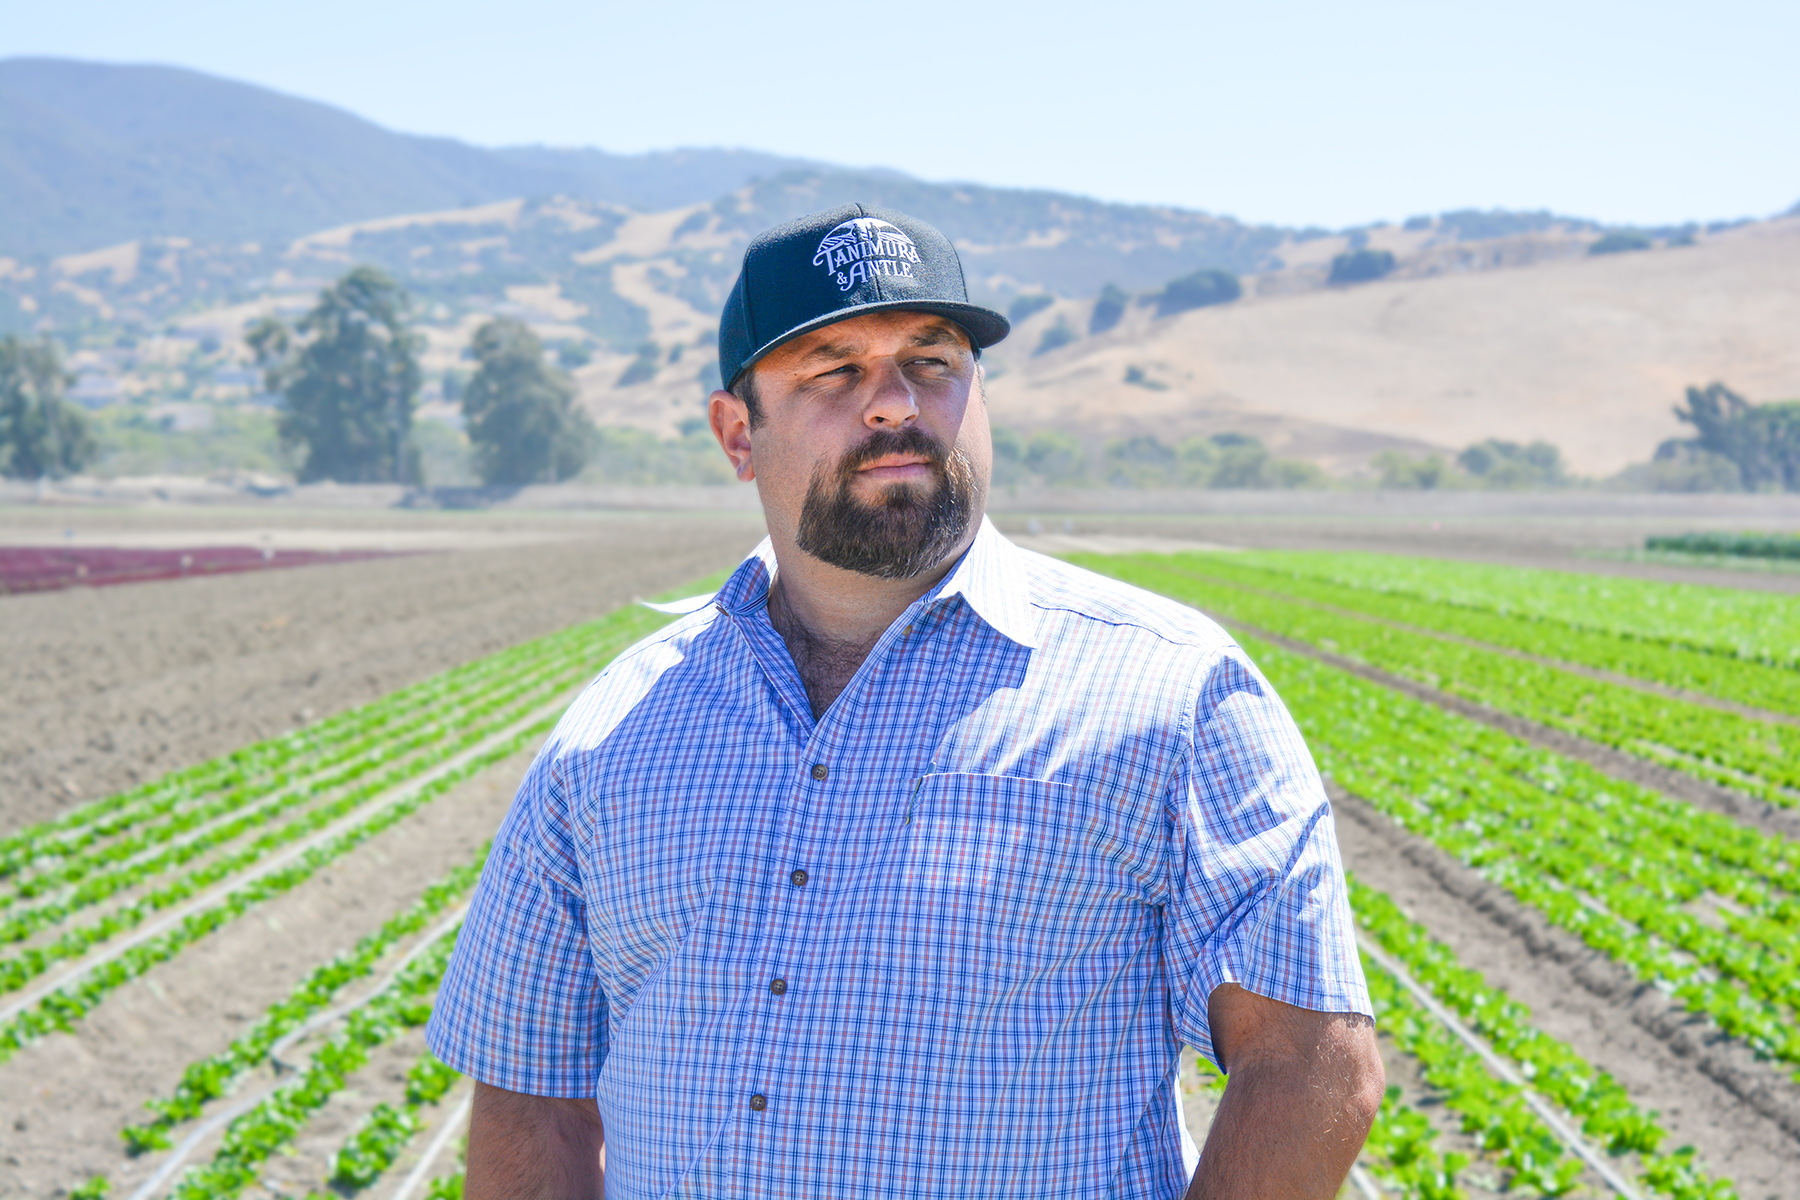 Farmer Feature - Scott Rossi of Tanimura & Antle